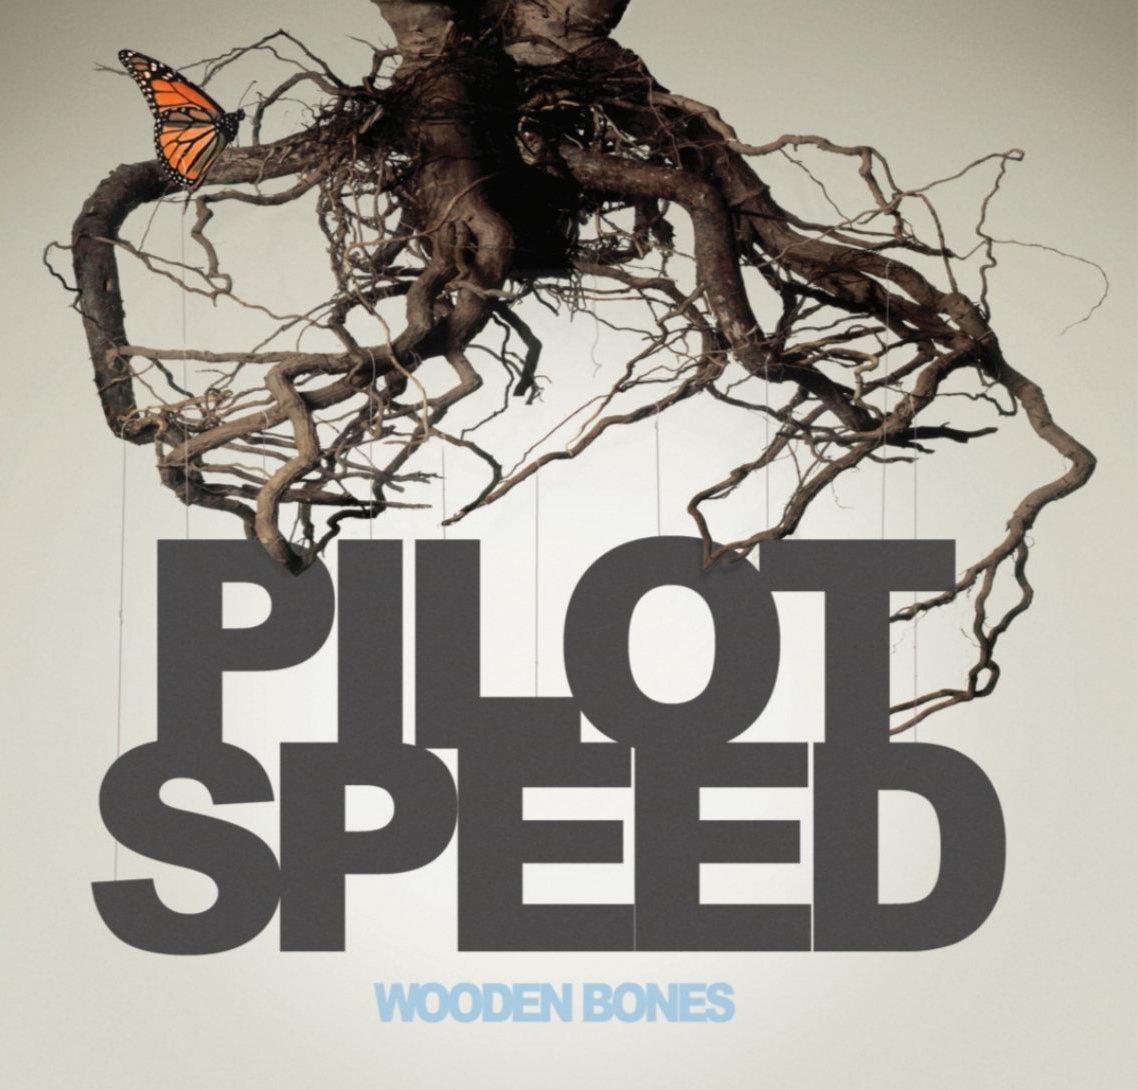 pilot speed wooden bones.jpg